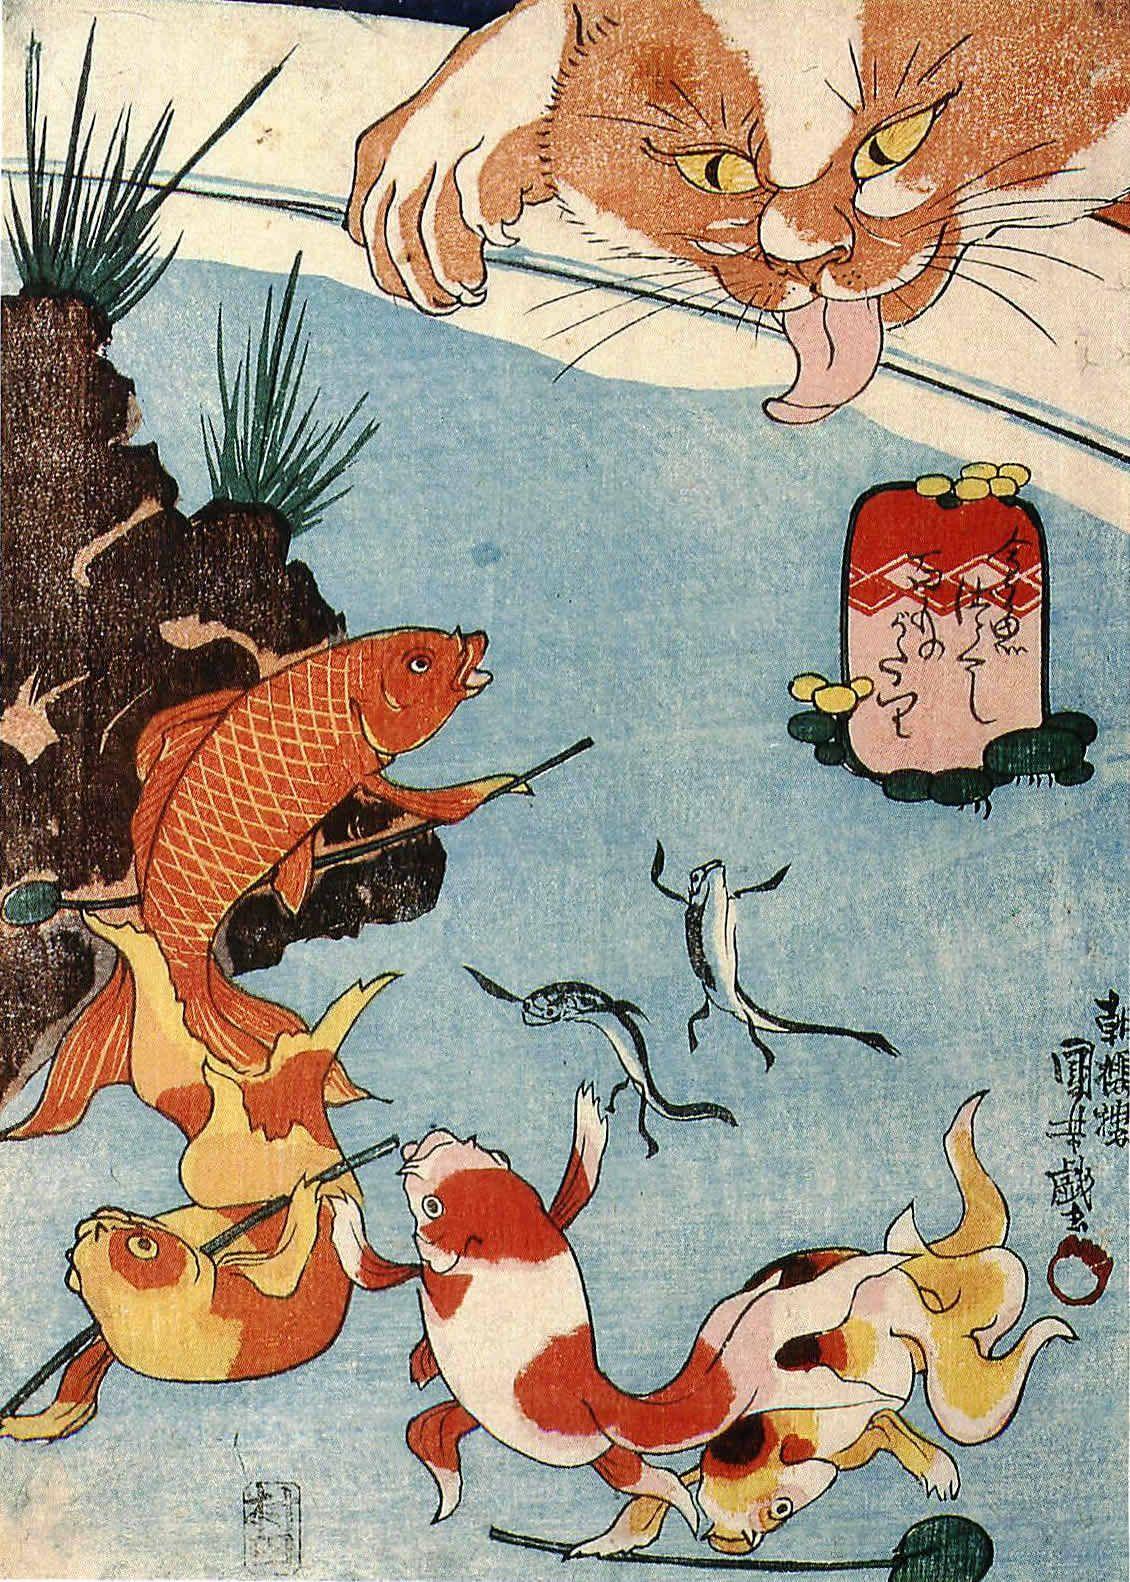 2018 年の「金魚づくし 百物語(幕末の浮世絵師・歌川国芳の画)の拡大